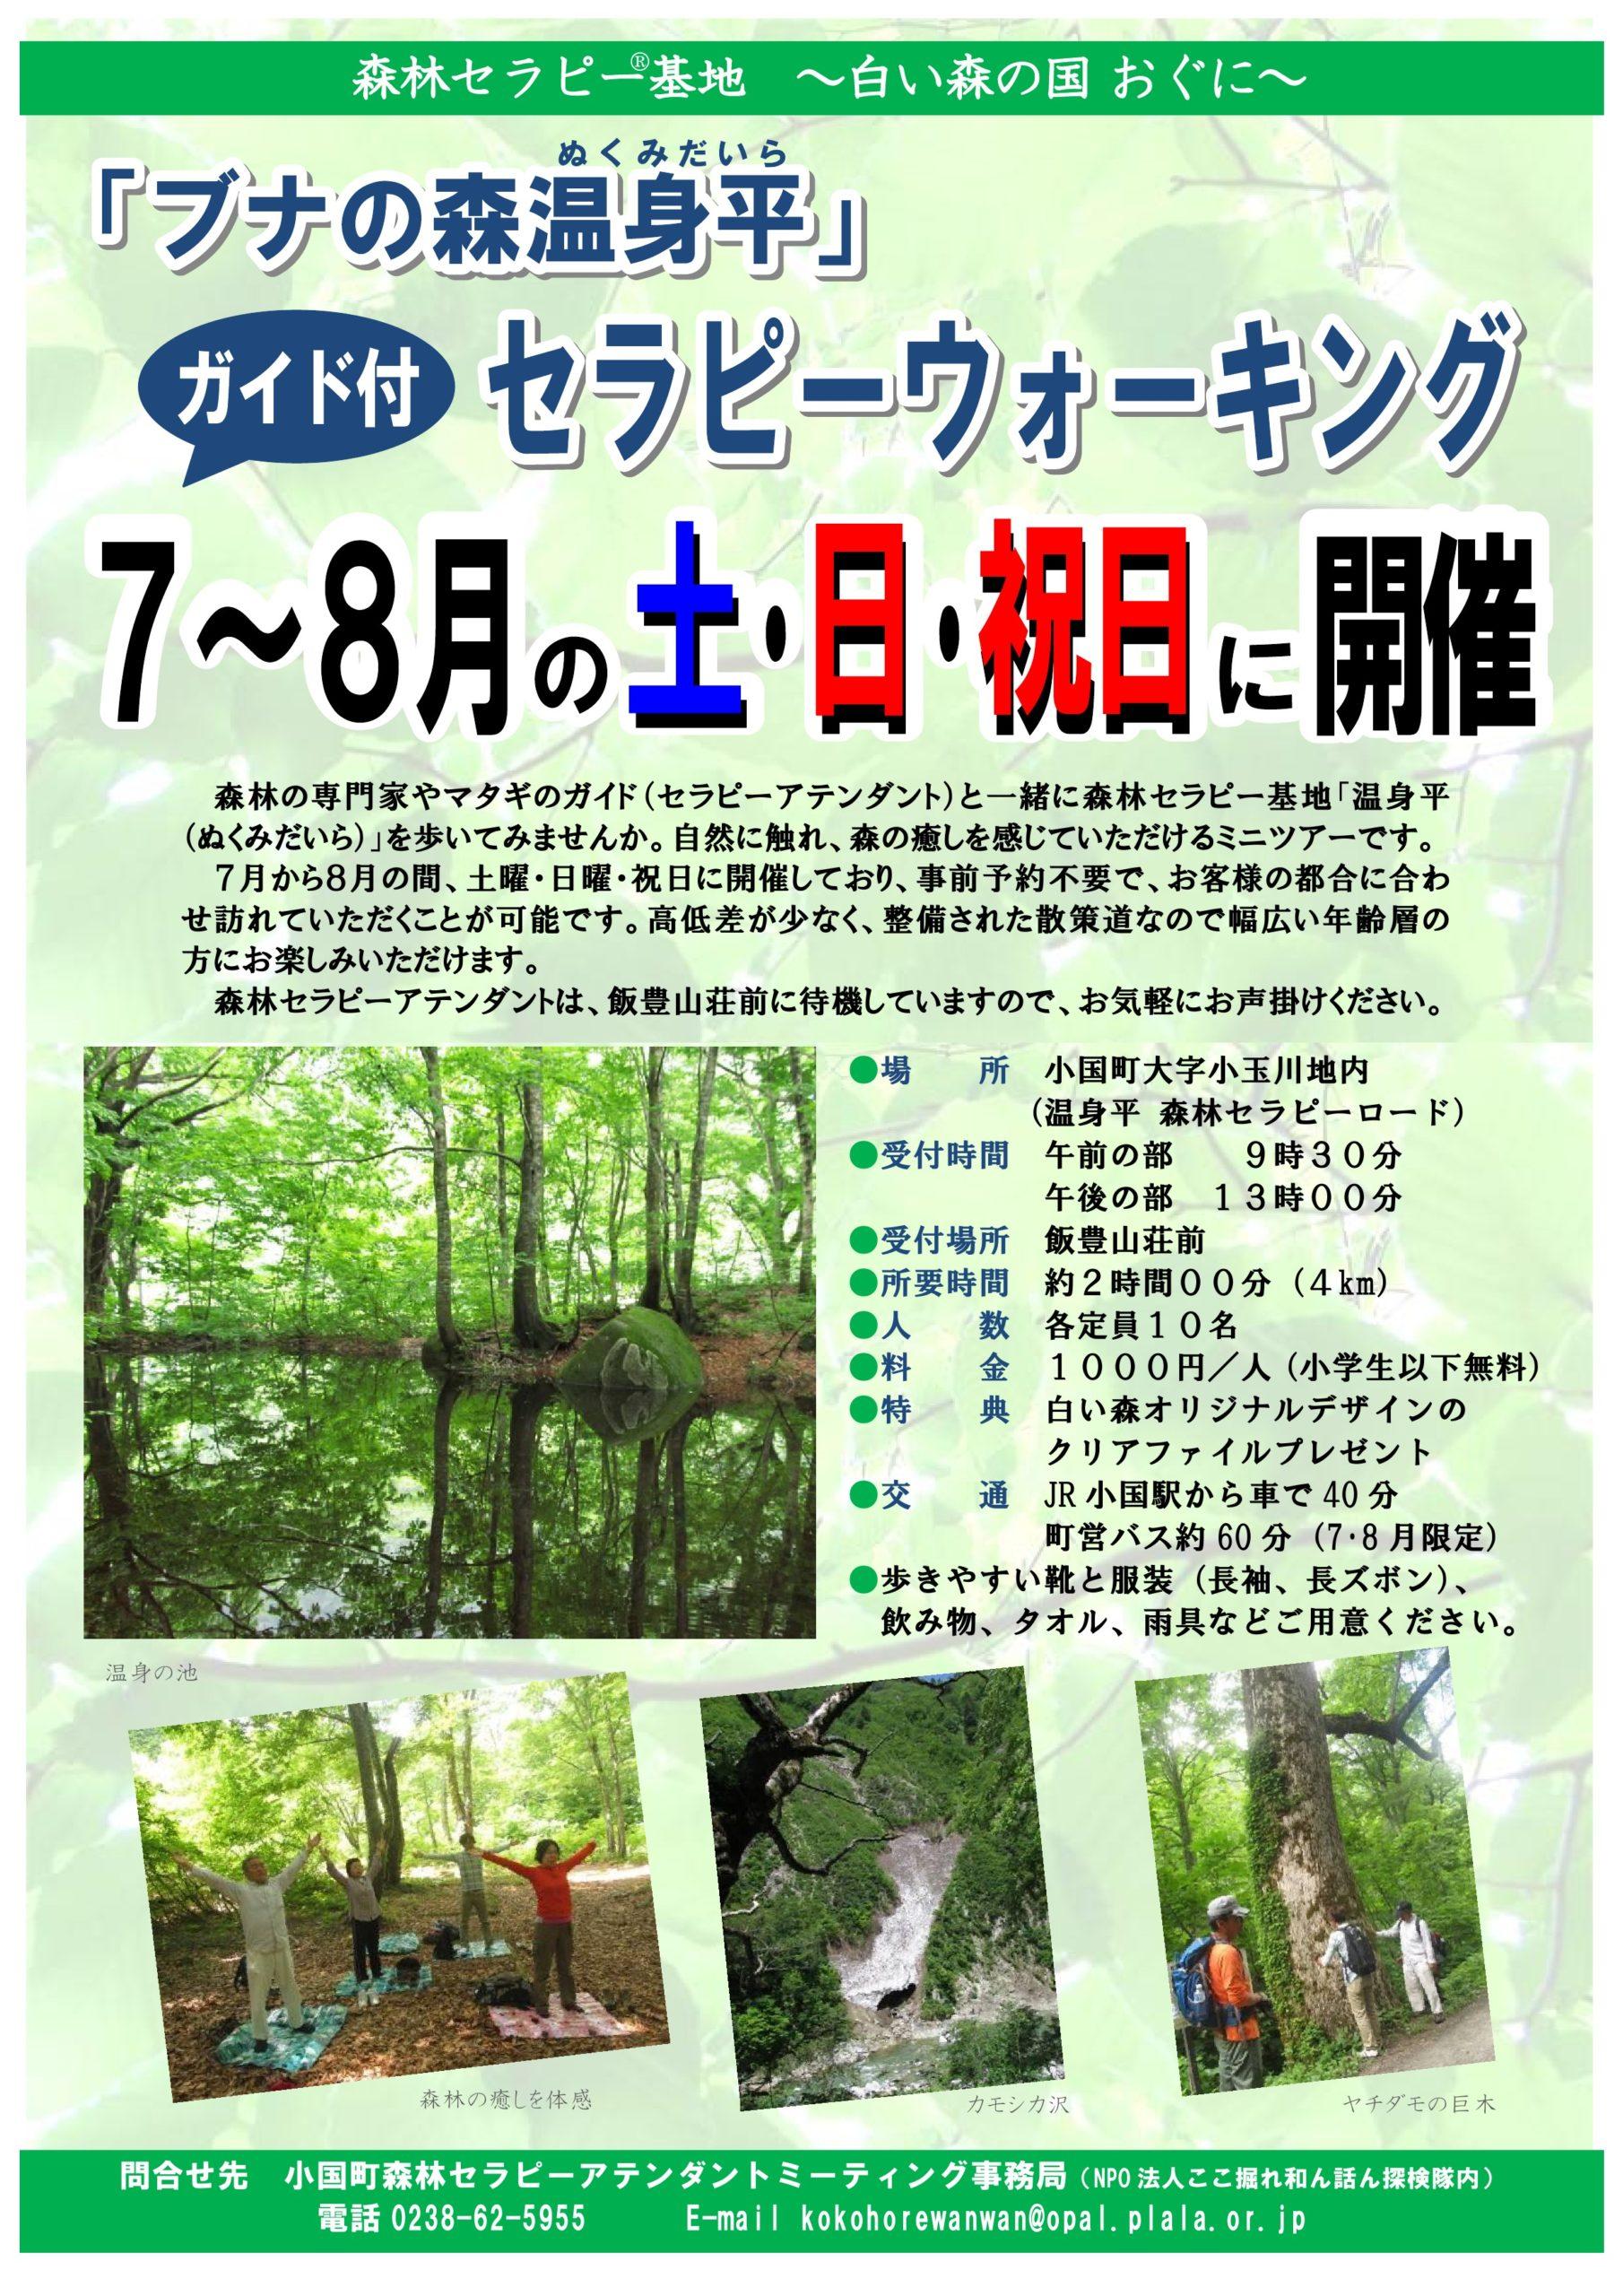 「ブナの森温身平」ガイド付セラピーウォーキング